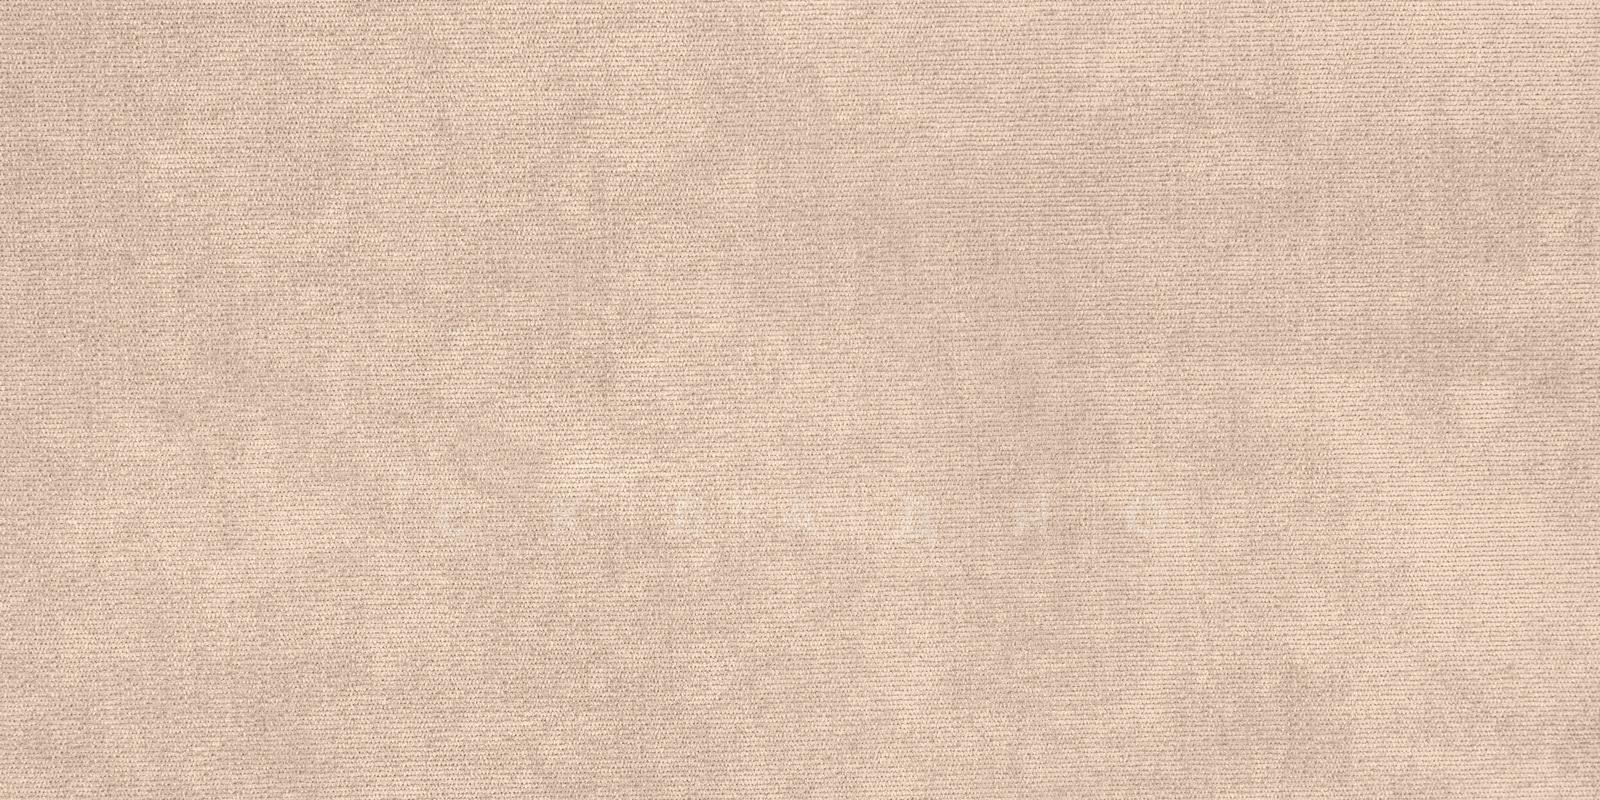 Угловой диван Атланта вельвет бежевый фото 6 | интернет-магазин Складно